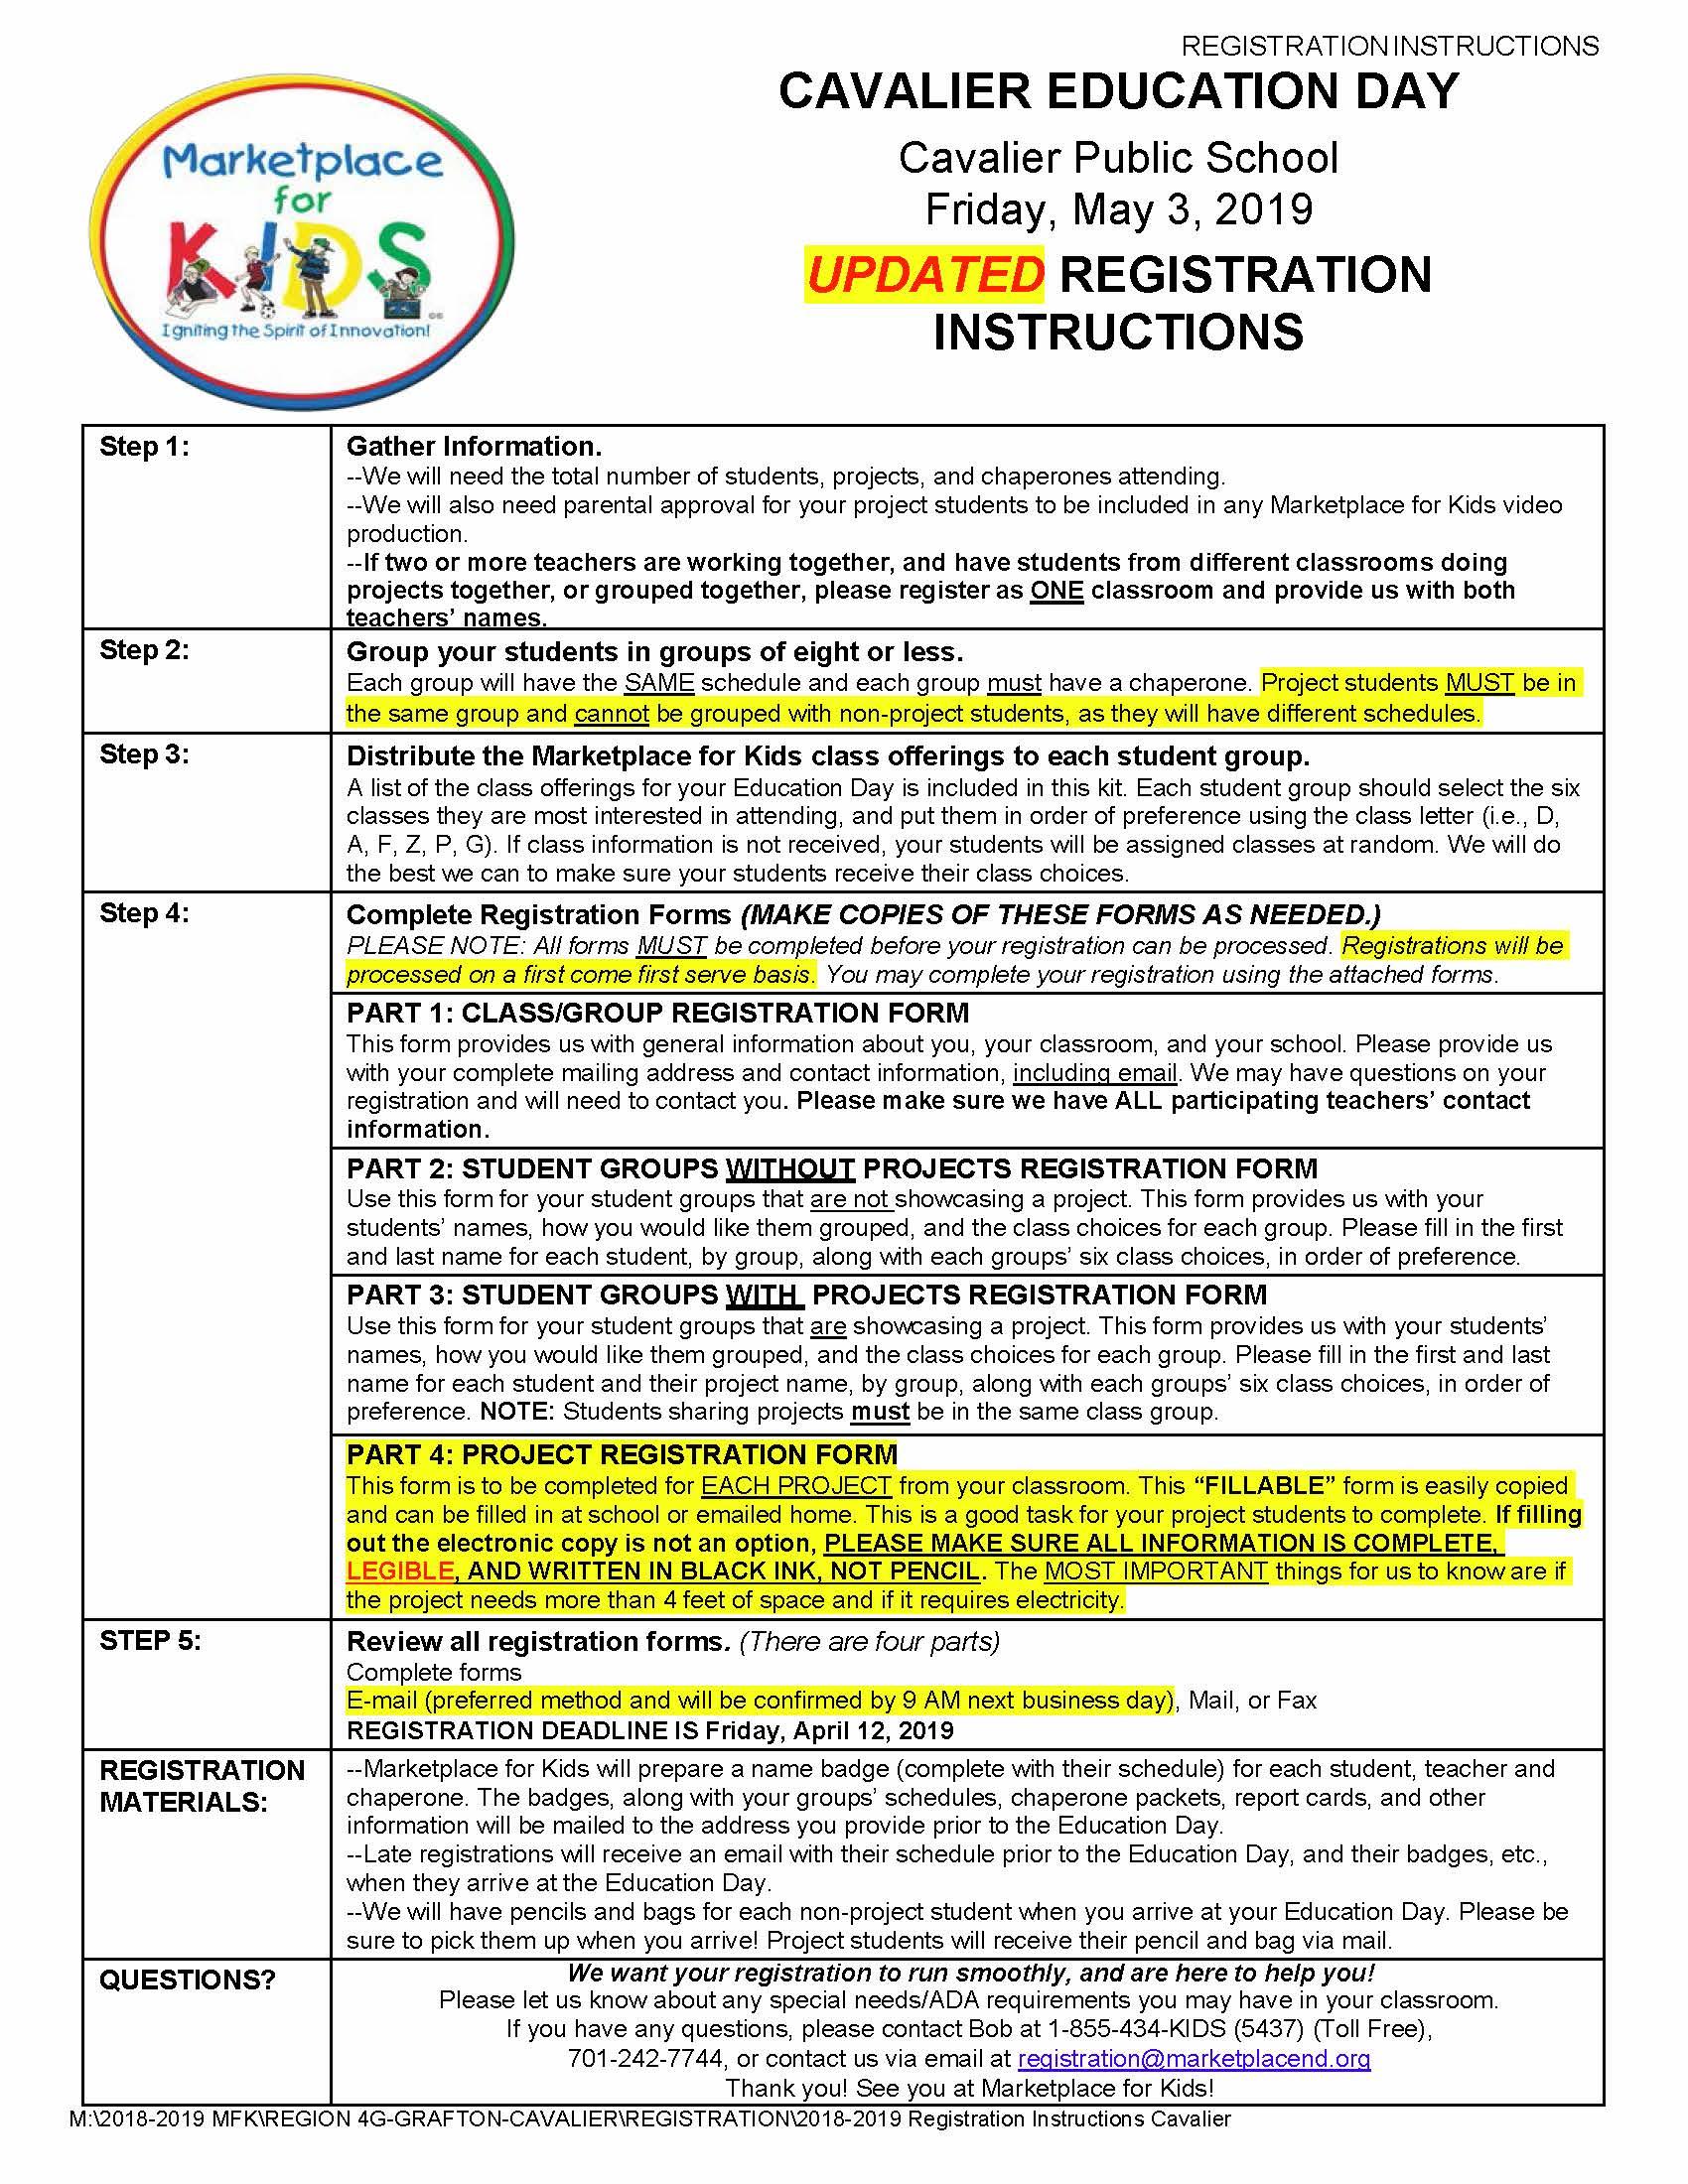 Cavalier Registration Instructions